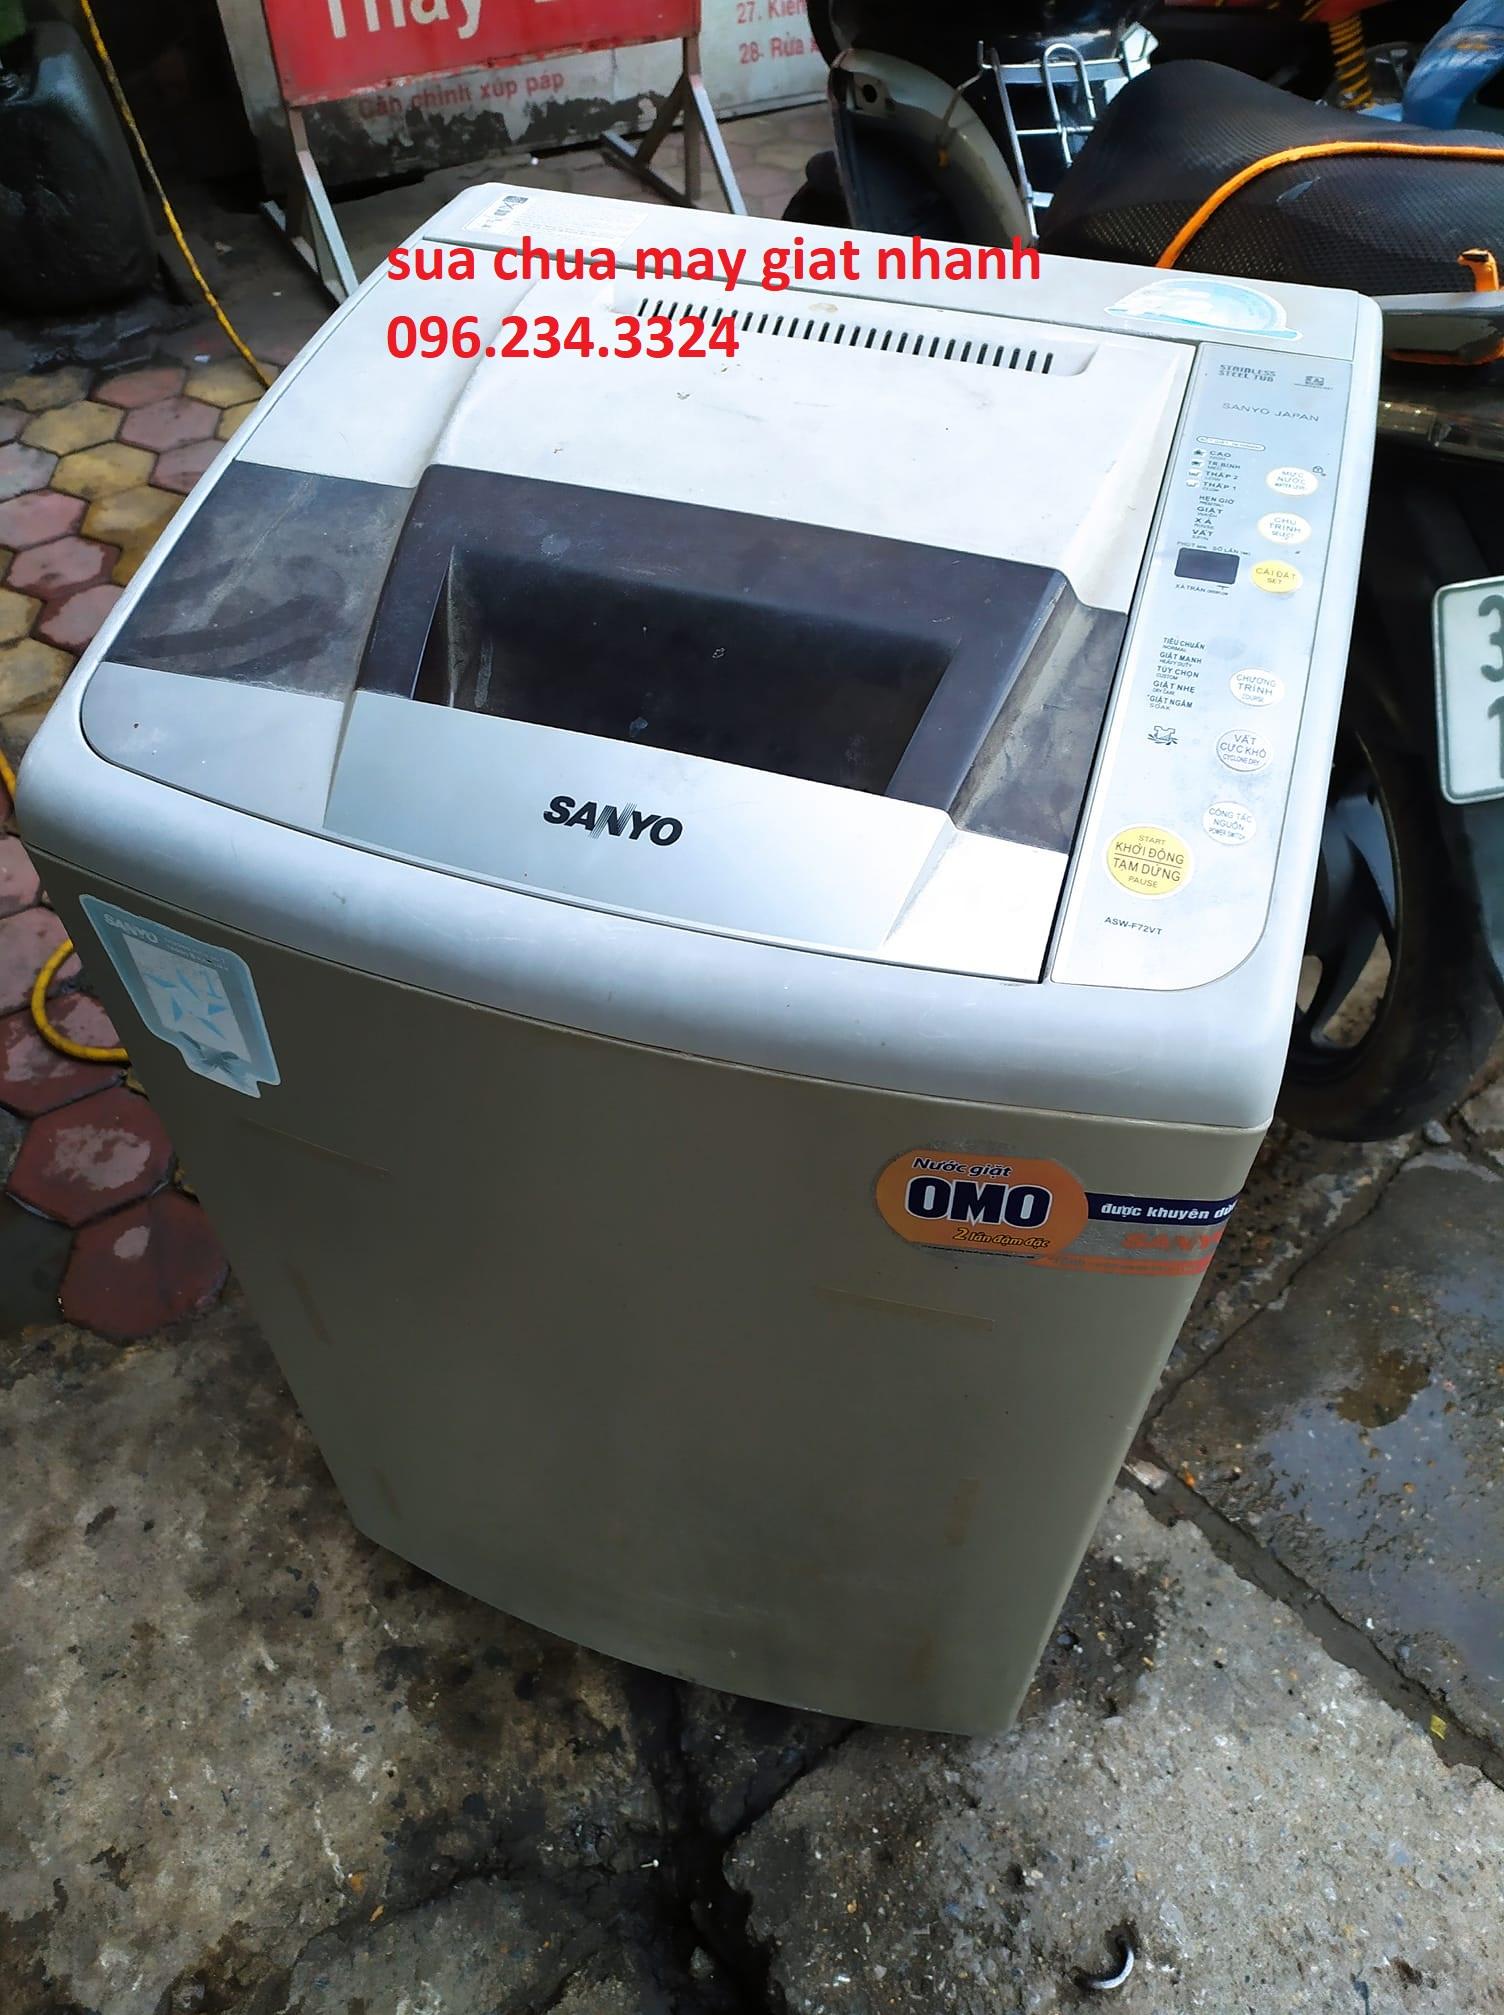 Sửa chữa bảo dưỡng máy giặt tại HƯng Yên